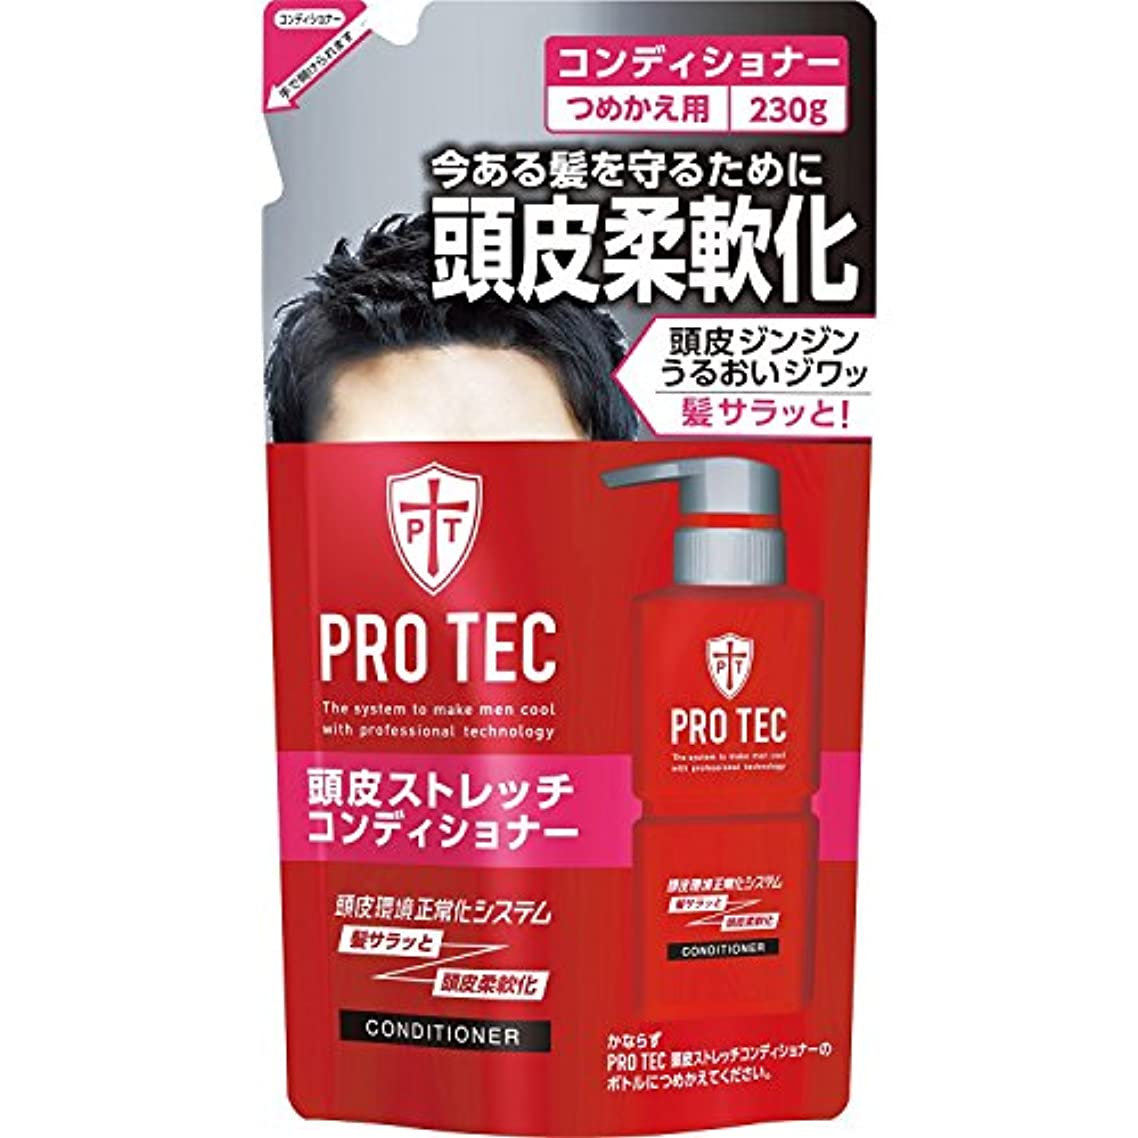 リンク指マウスピースPRO TEC(プロテク) 頭皮ストレッチコンディショナー つめかえ用 230g ×10個セット